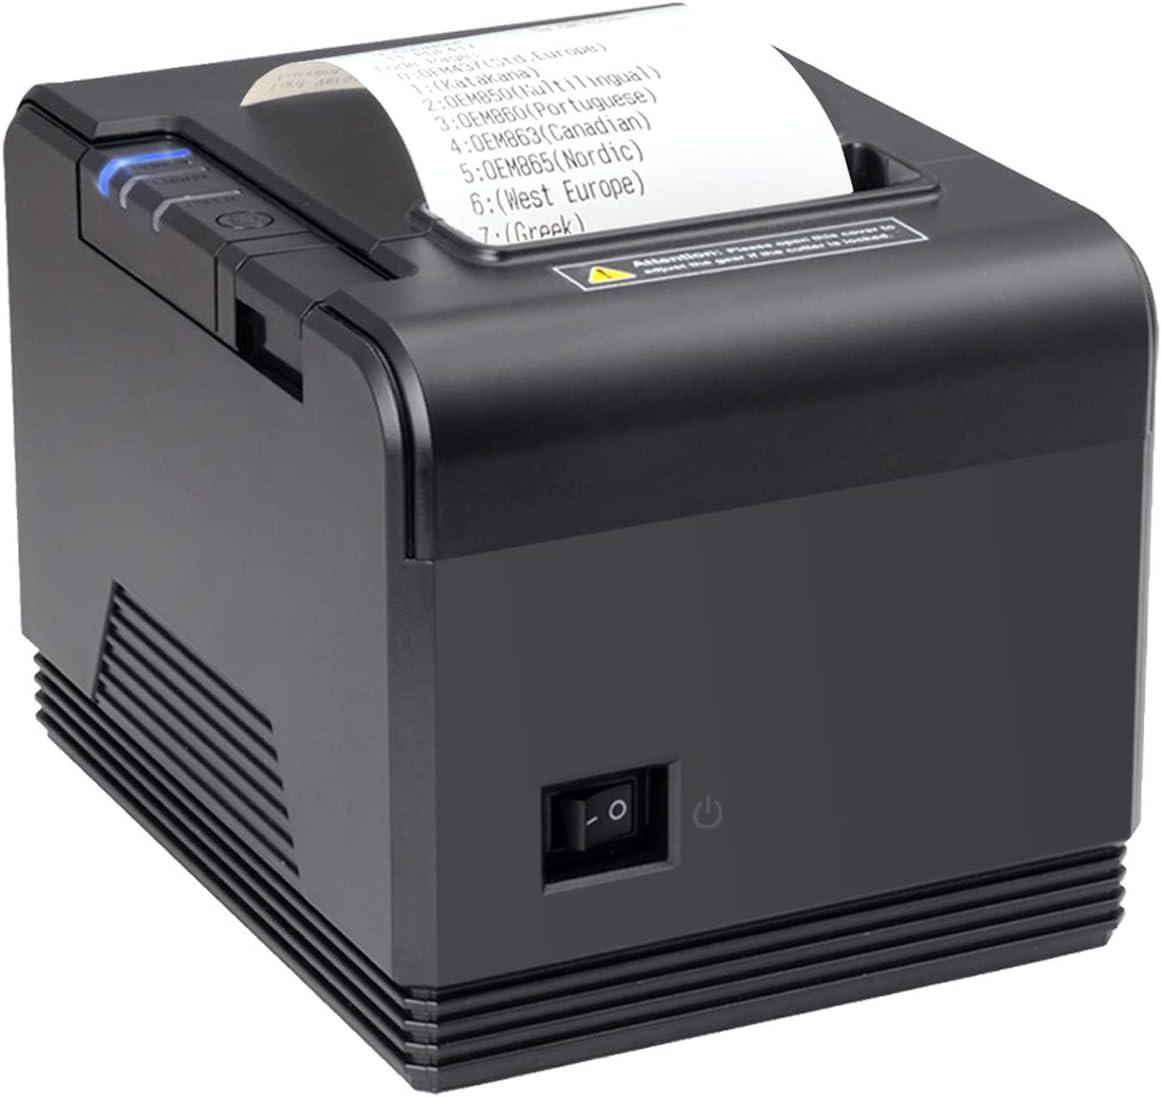 [Generación 2.0] Impresora Térmica de Tickets, 300 mm/s, POS Tikitera 80 mm, Corte Automático, Impresora de Recibos de Comando ESC/POS, Compatible con Windows/Linux, Negro